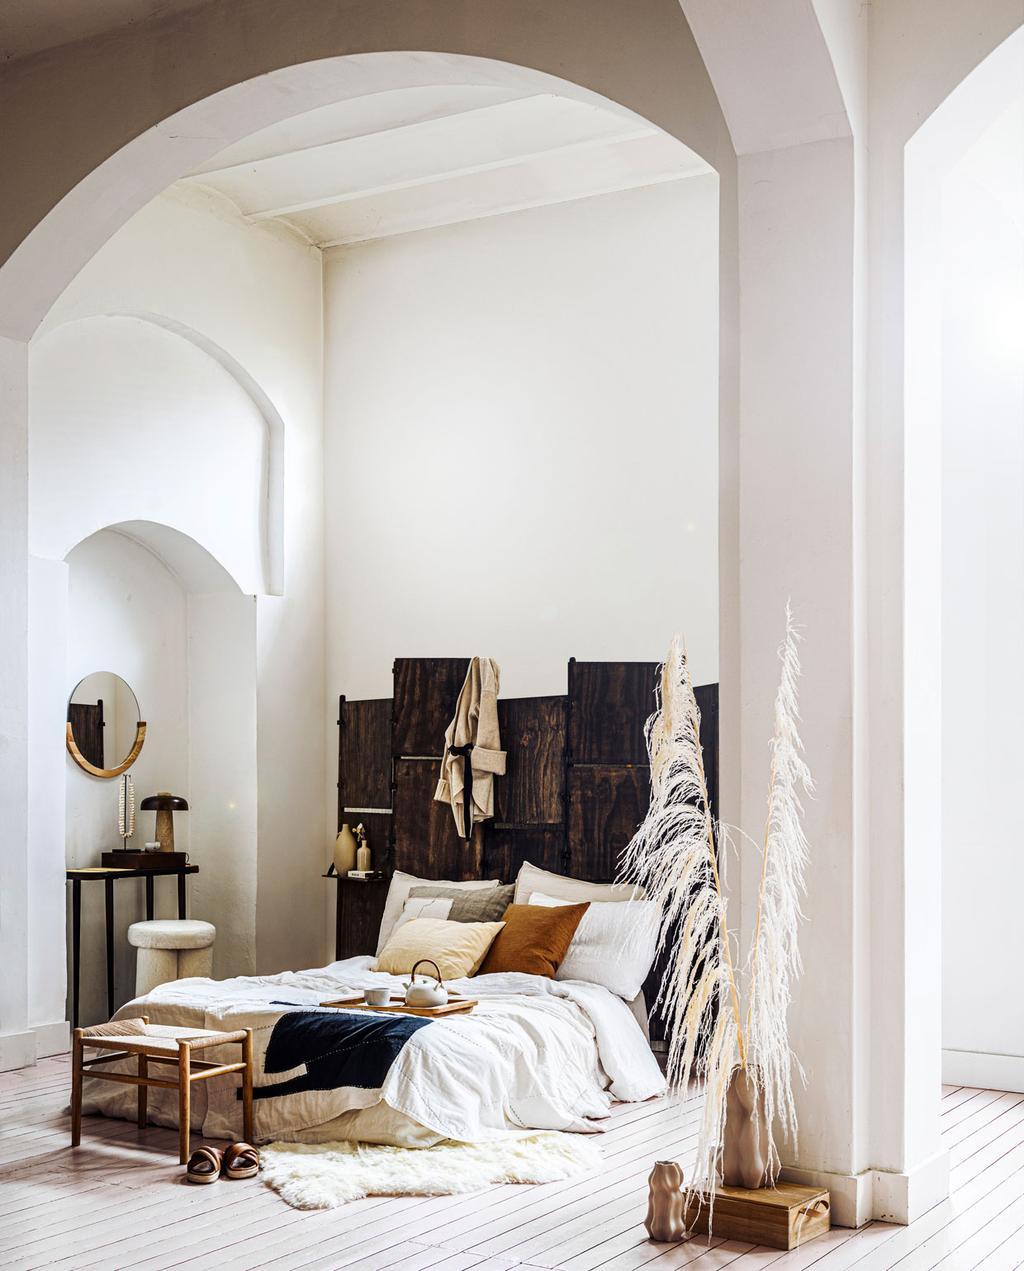 vtwonen 08 | slaapkamer met bruintinten en een witte organische boog